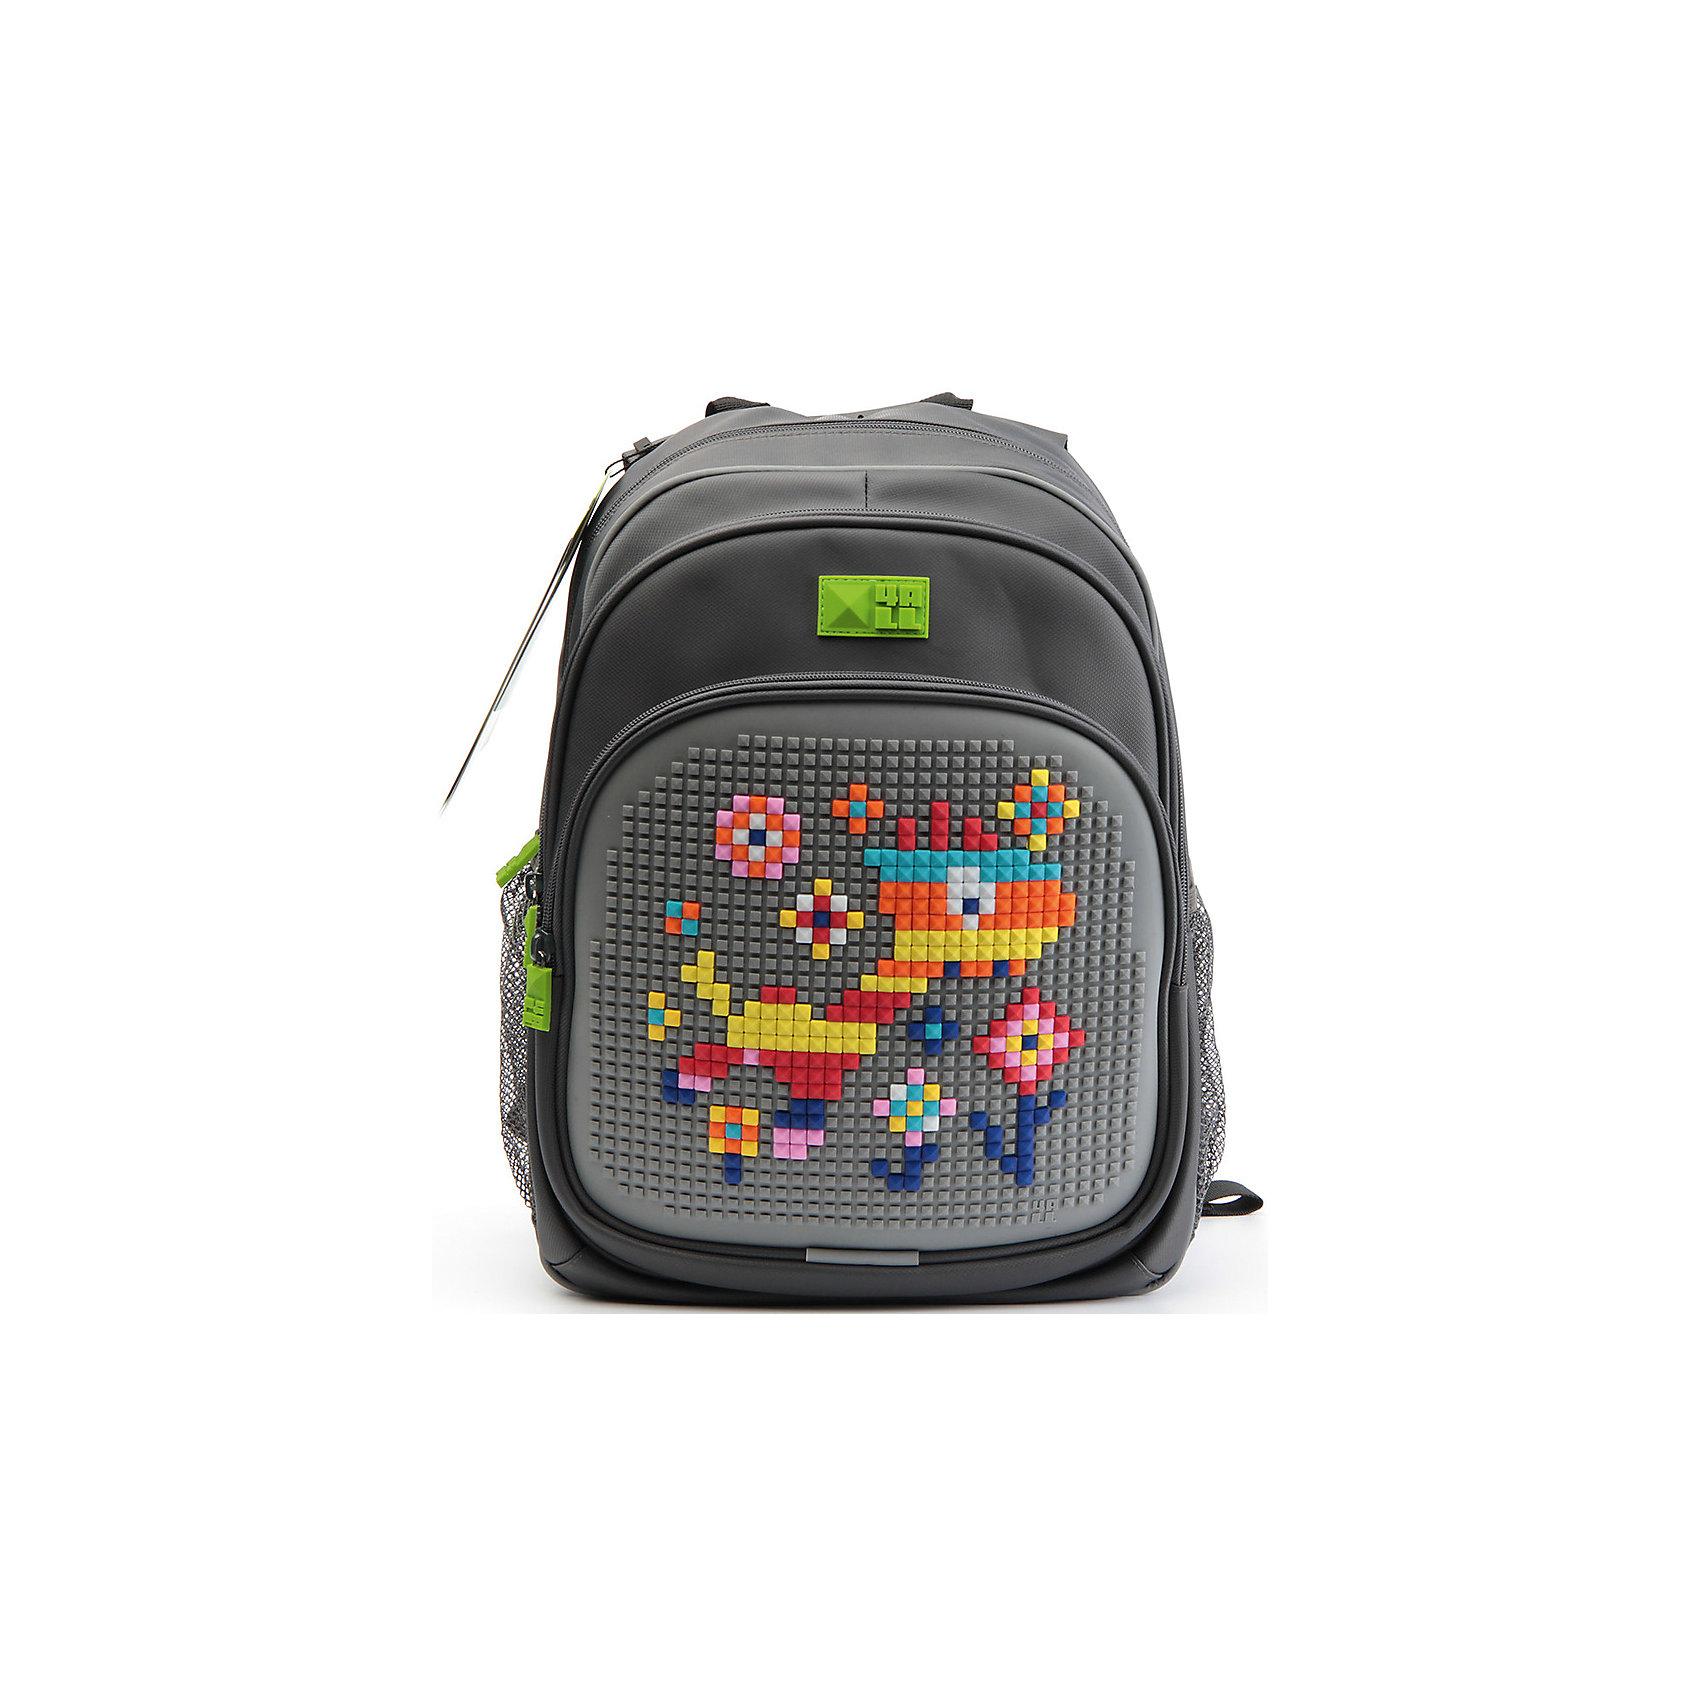 4ALL Рюкзак Kids, серыйРюкзаки<br>Рюкзак KIDS - это одновременно и яркий, функциональный школьный аксессуар, и безграничная площадка для самовыражения, способная подчеркнуть любой выбранный образ. С помощью уникальной силиконовой панели и набора пластиковых пикселей-битов можно декорировать фасад рюкзака, как угодно, полагаясь на свое воображение и вкус. А все материалы, задействованные при изготовлении, имеют специальную вода- и грязеотталкивающую пропитку, что гарантирует практичность, износостойкость и долговечность рюкзака.<br><br>Такой современный и интересный ранец будет прекрасным подарком к 1 сентября!<br><br>Особенности:<br>AIR COMFORT system:<br>- Система свободной циркуляции воздуха между задней стенкой рюкзака и спиной ребенка.<br>- Совместно с ортопедической спиной ERGO system эта система воздухообмена делает ежедневное использование рюкзаков KIDS безопасным для здоровья и максимально комфортным!<br>ERGO system:<br>- Разработанная нами система ERGO служит равномерному распределению нагрузки на спину ребенка. Она способна сделать рюкзак, наполненный учебниками, легким. ERGO служит сохранению правильной осанки и заботится о здоровье позвоночника!<br>Ортопедическая спина:<br>- Важное свойство наших рюкзаков - ортопедическая спина! Способна как корсет поддерживать позвоночник, правильно распределяя нагрузку, а так же обеспечивает циркуляцию воздуха между задней стенкой рюкзака и спиной ребенка!<br>А также:<br>- Гипоаллергенный силикон;<br>- Водоотталкивающие материалы;<br>- Устойчивость всех материалов к температурам воздуха ниже 0!<br><br>Дополнительная информация:<br><br>- Рюкзак уже содержит 1 упаковку разноцветных пикселей-битов (300 шт.) для создания картинок<br>- Цвет: серый;<br>- Объем рюкзака: 22 л.<br>- Размер в упаковке: 39х27х15 см.<br>- Вес в упаковке: 950 г.<br><br>Рюкзак Kids в сером цвете , можно купить в нашем магазине.<br><br>Ширина мм: 390<br>Глубина мм: 270<br>Высота мм: 150<br>Вес г: 950<br>Возраст от месяцев: 36<br>Возраст до месяцев: 1